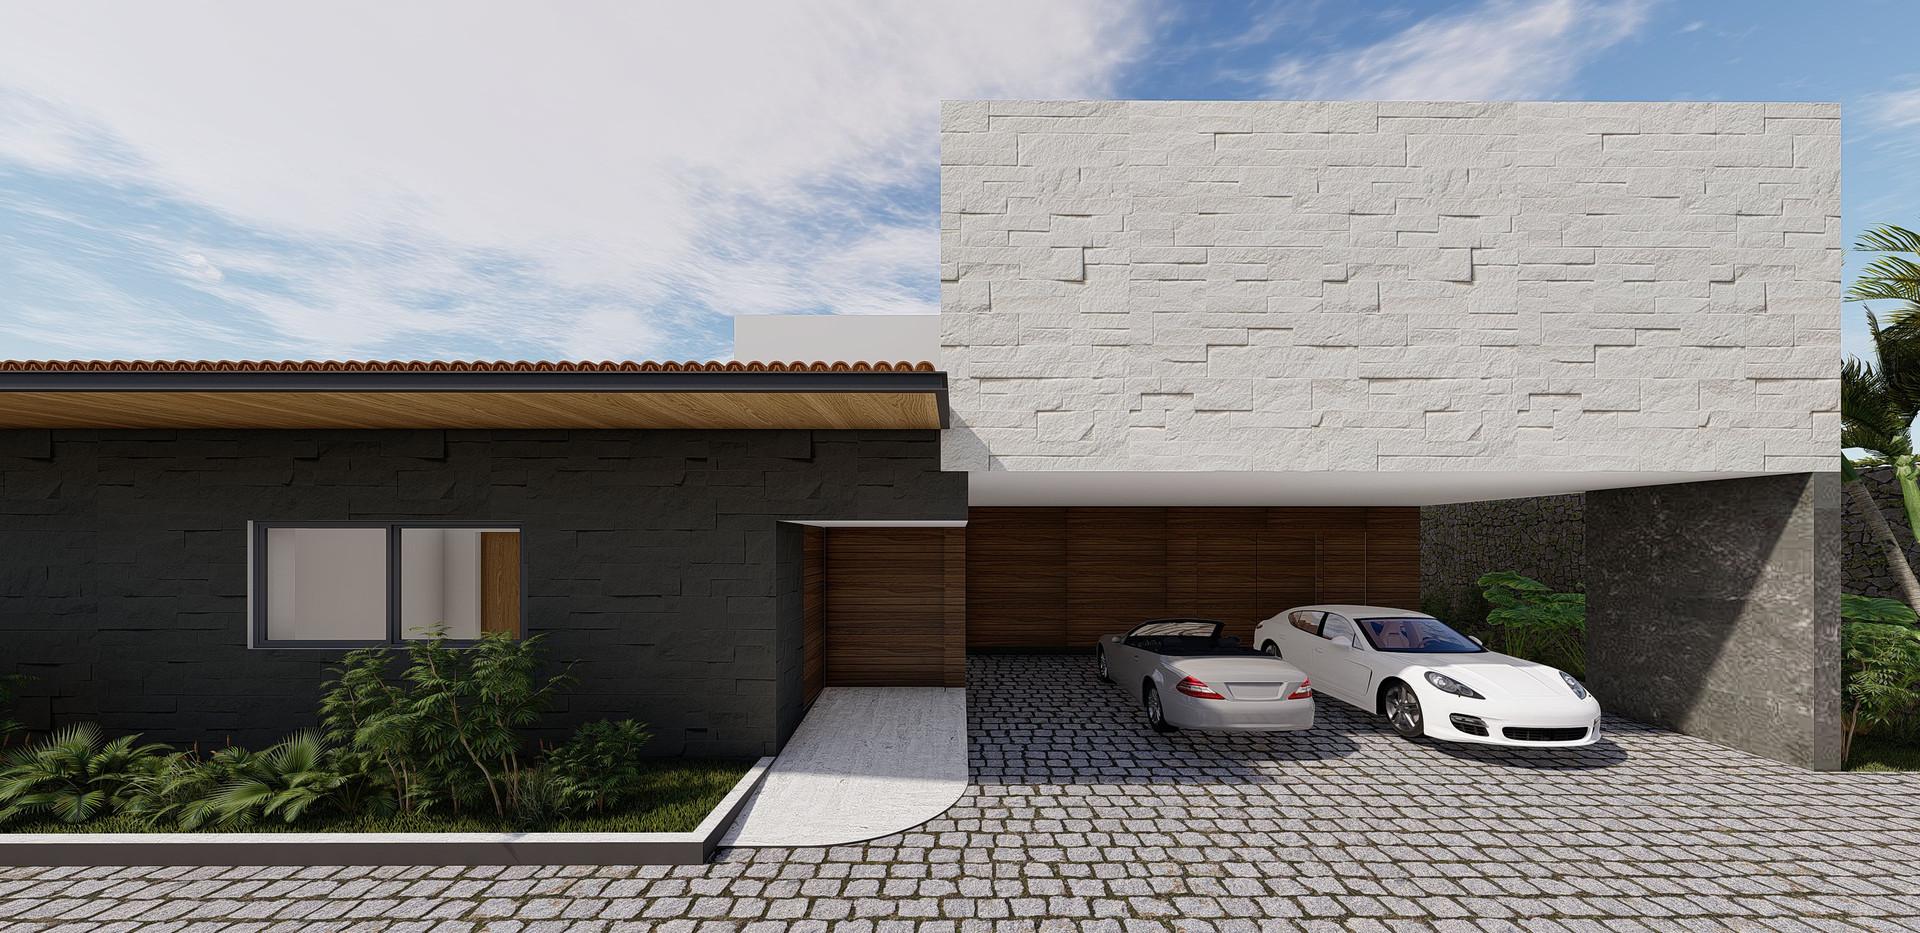 casa cuerna renders_Photo - 5.jpg